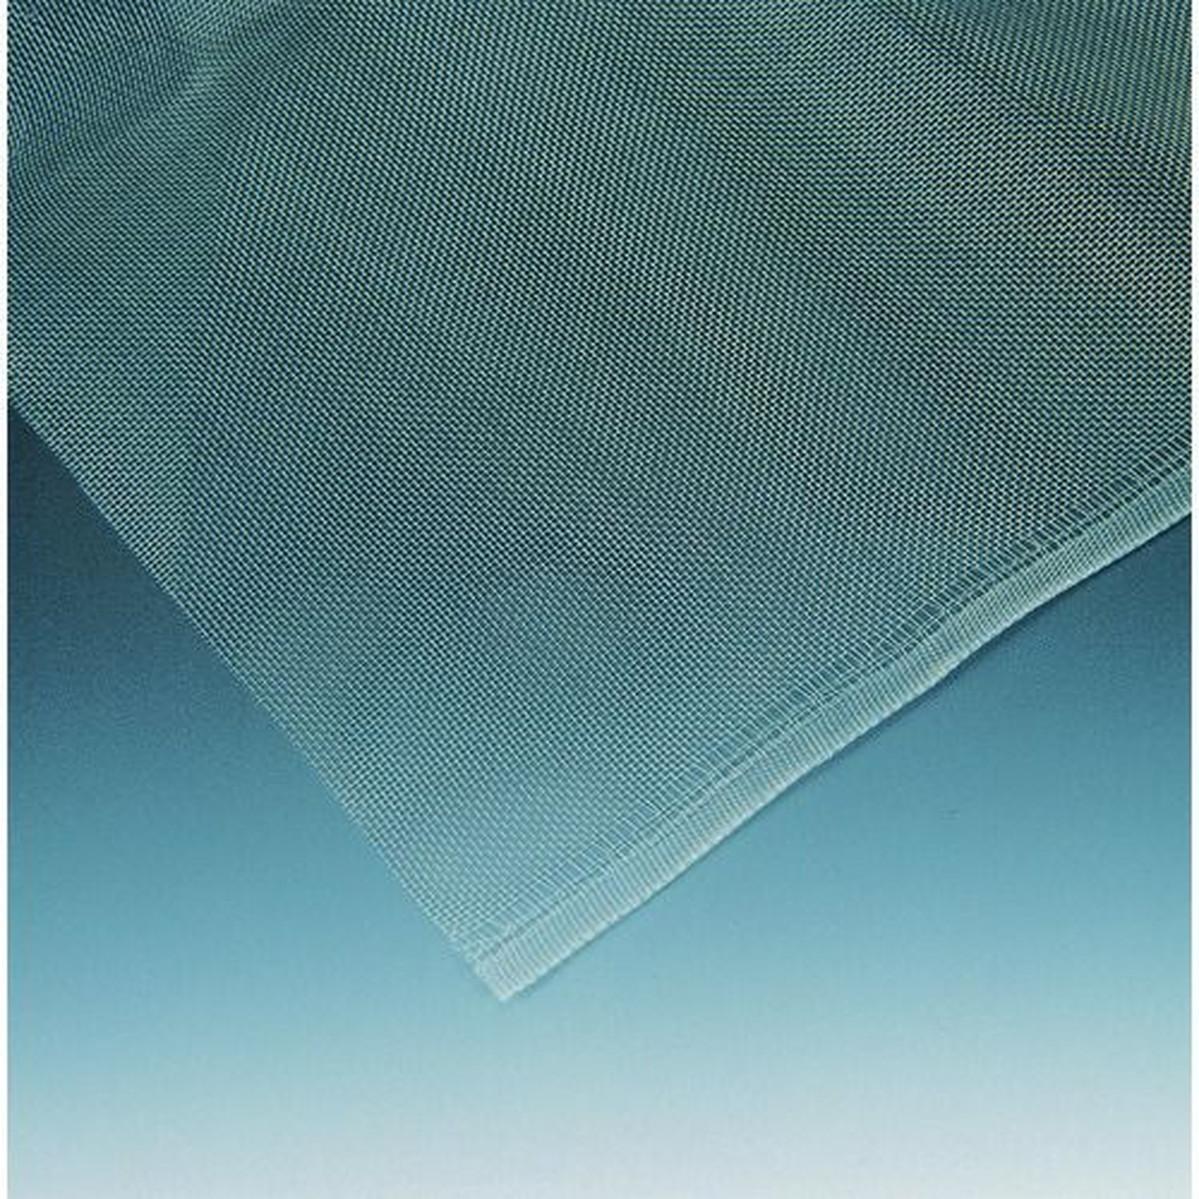 【即出荷】 1M アフロンETFE繊維クロス フロンケミカルフロンケミカル アフロンETFE繊維クロス 1M, ヤツオマチ:410c0744 --- kventurepartners.sakura.ne.jp